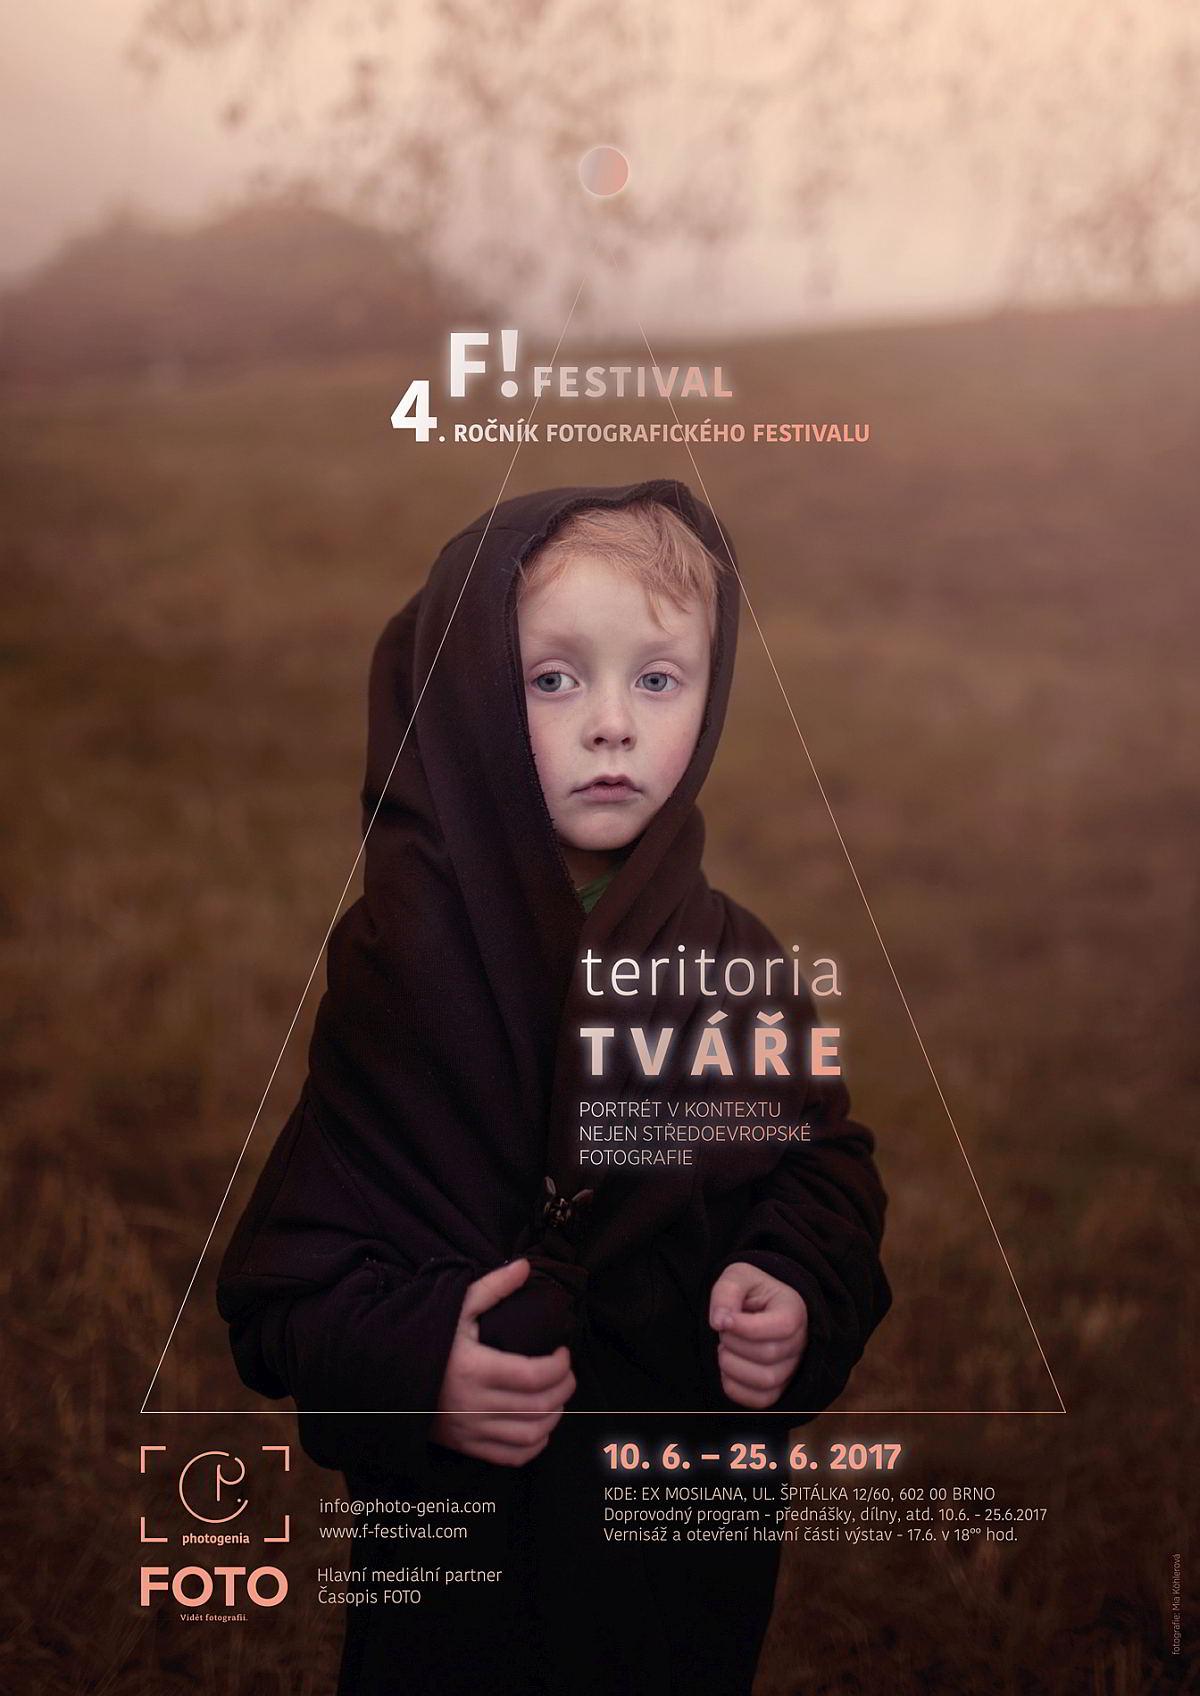 F! festival / F22.cz